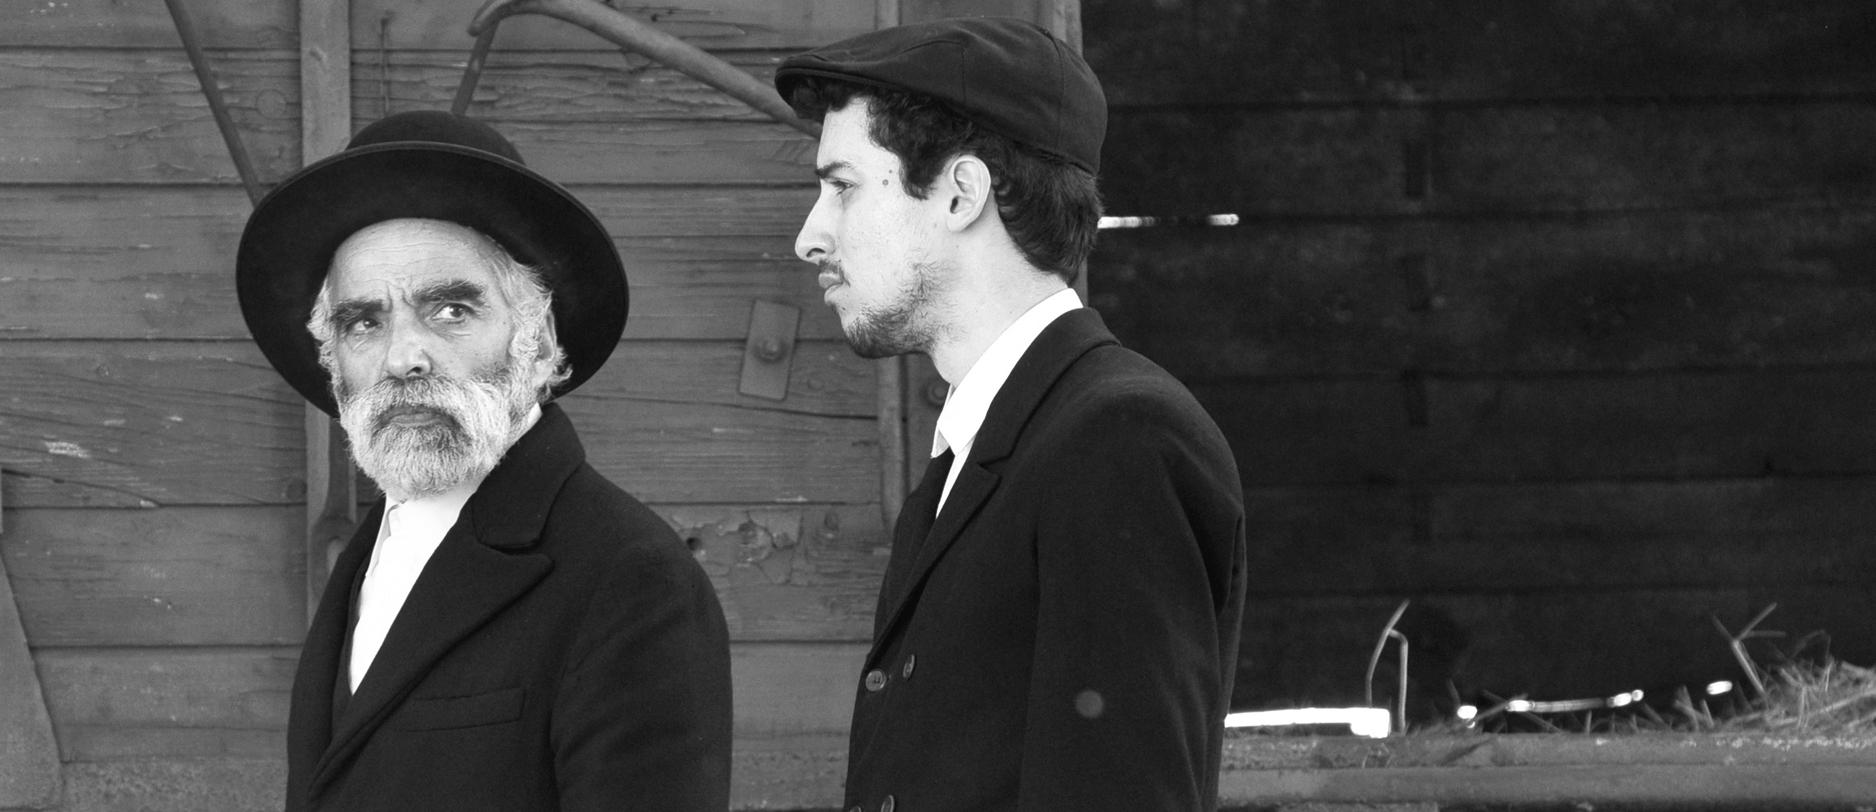 1945 at Belmont Filmhouse, Aberdeen